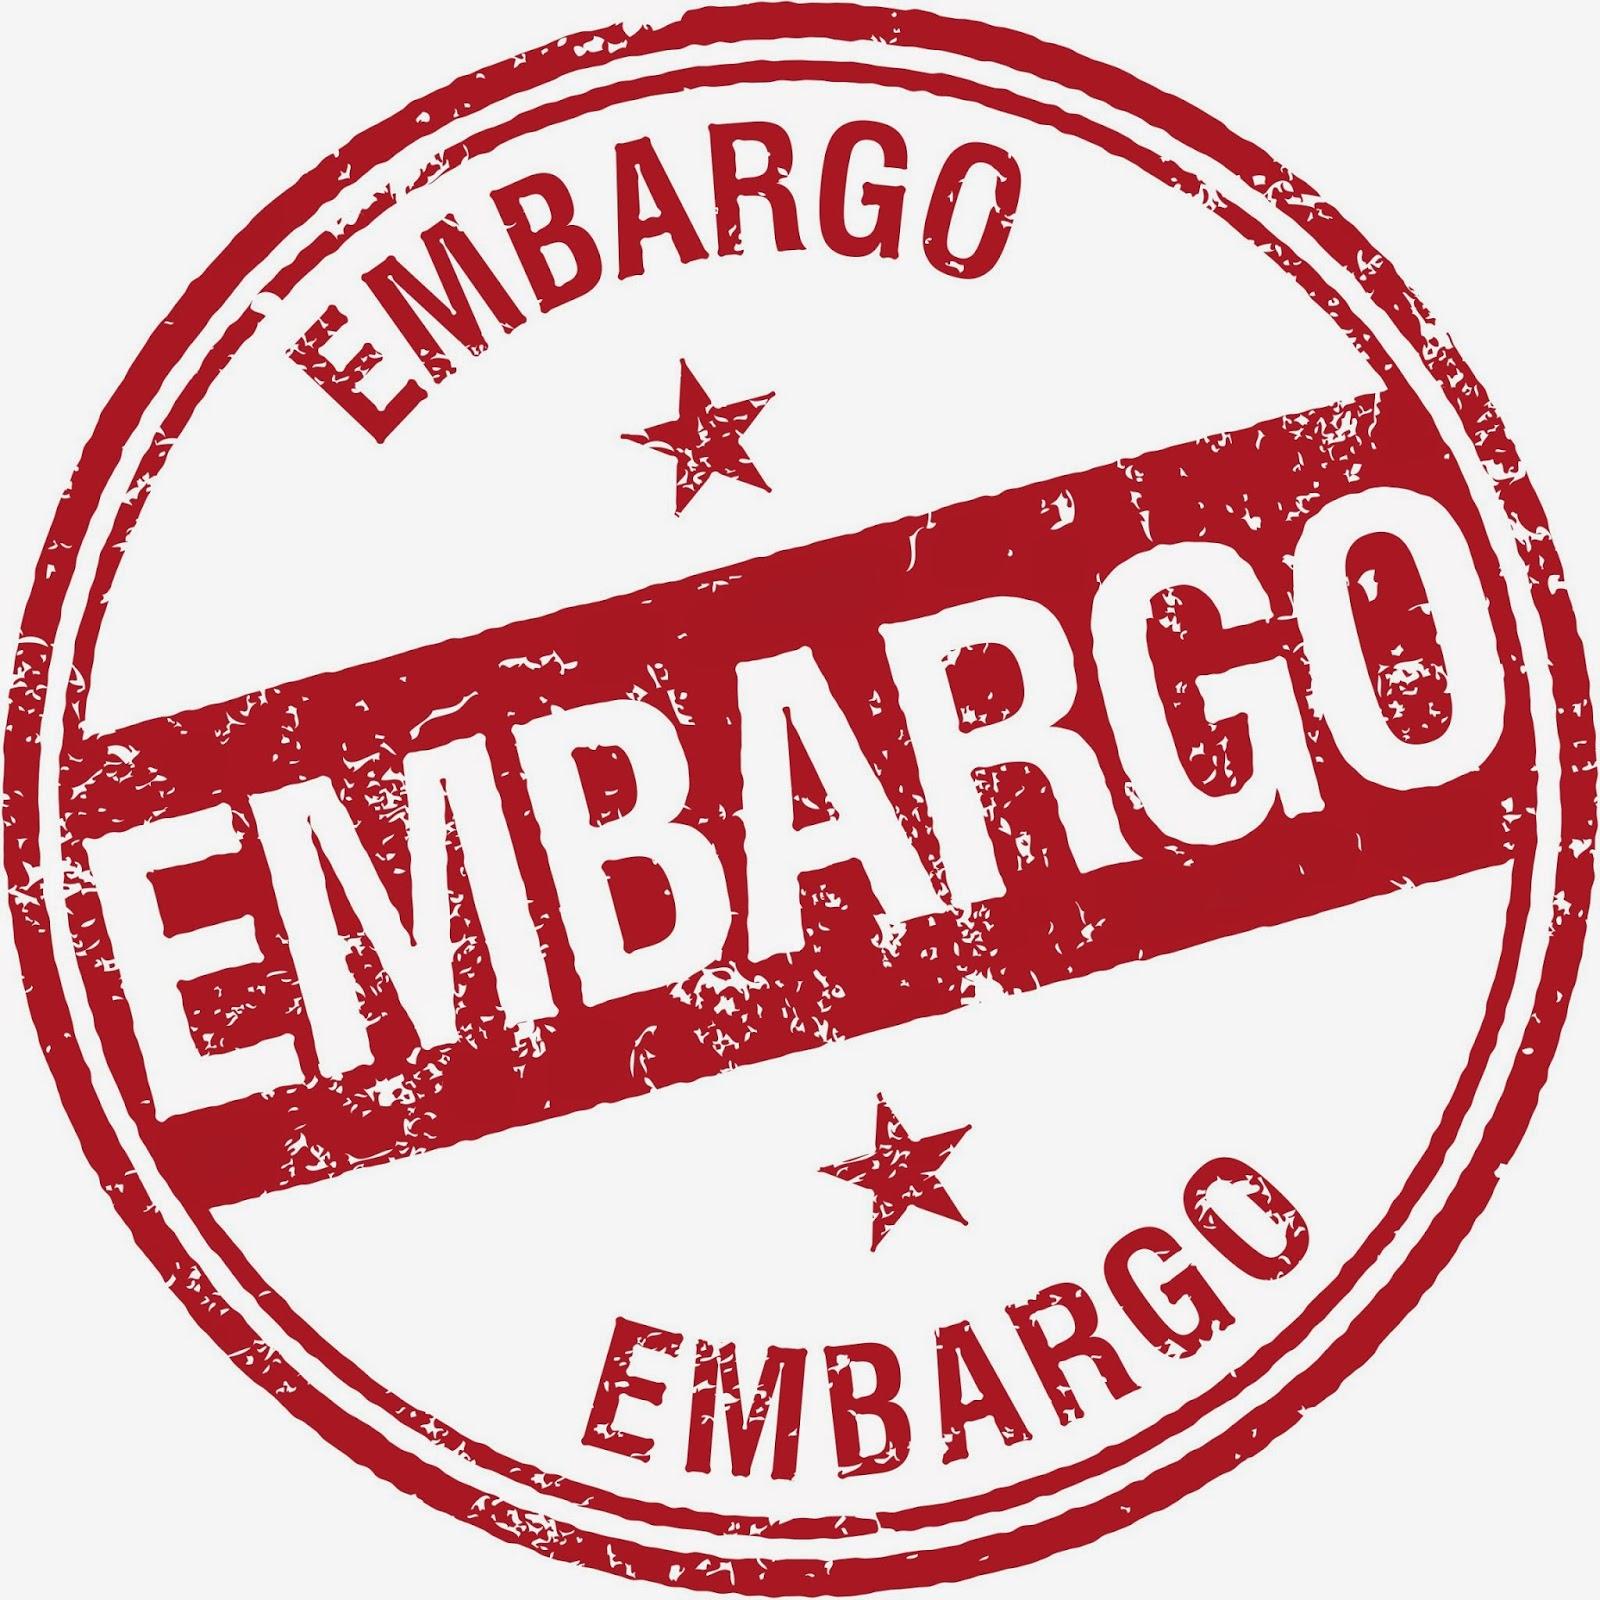 Что такое эмбарго - что это, слово, определение, виды, суть, пример